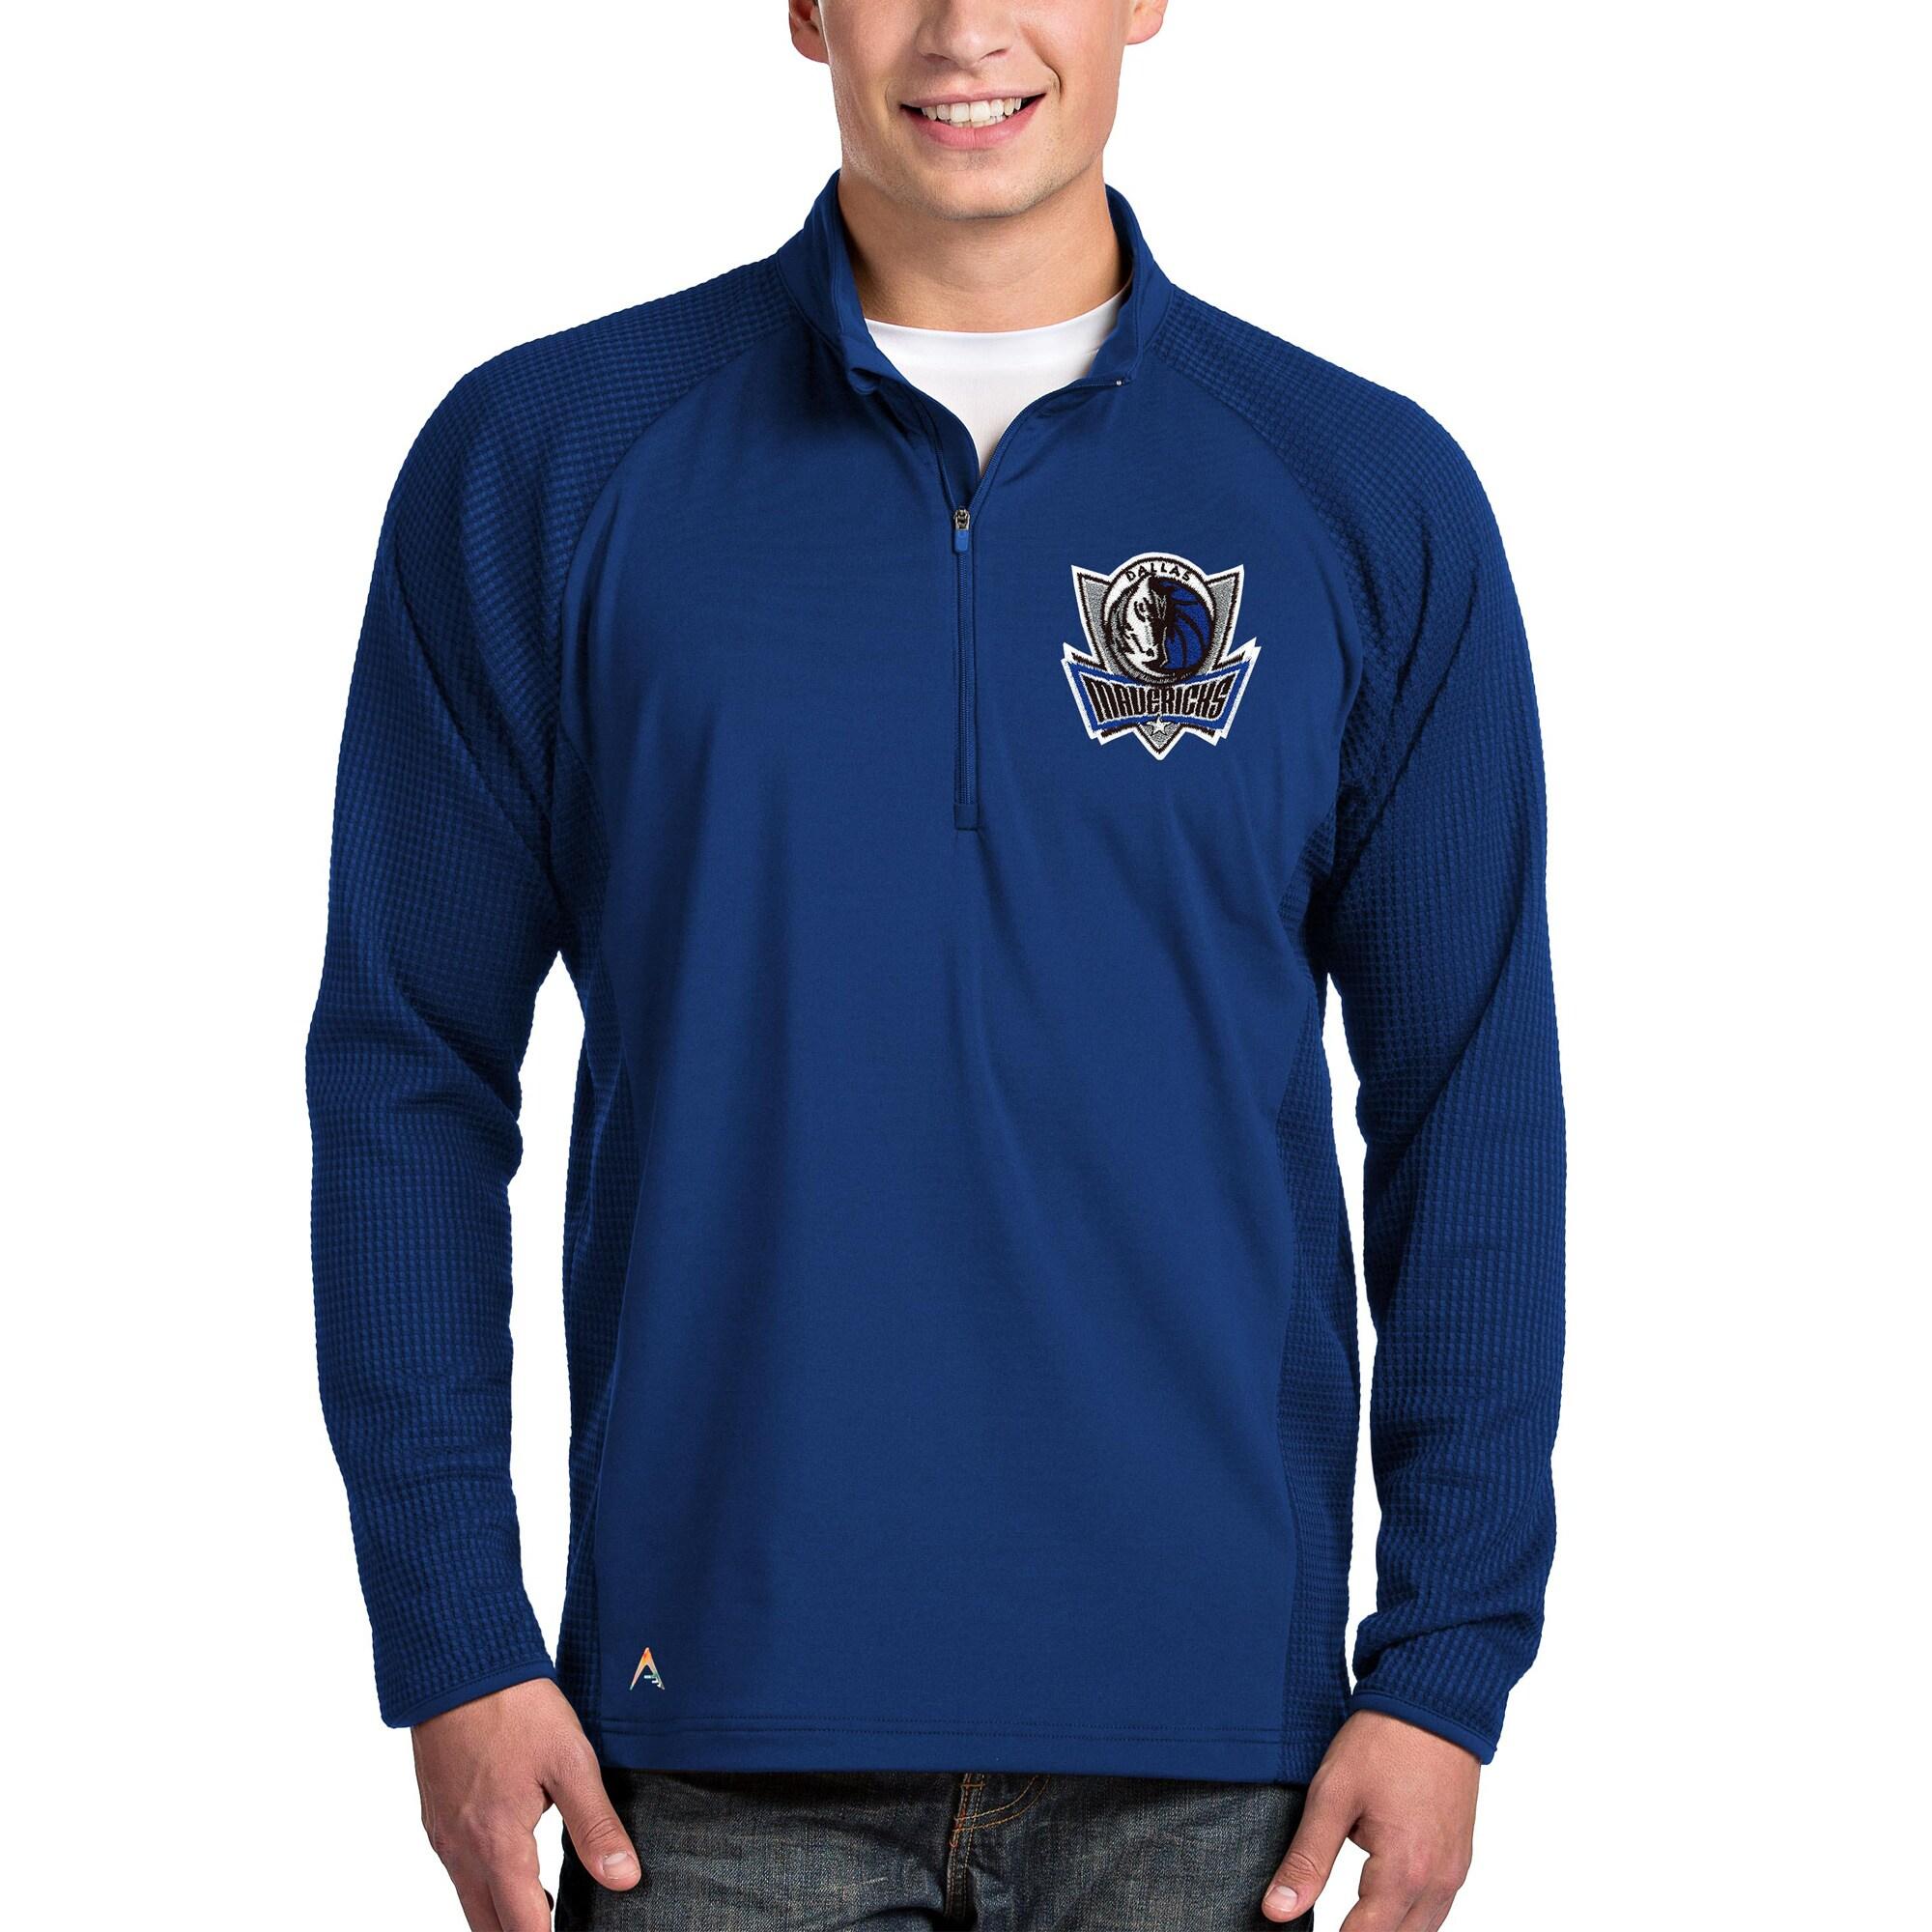 Dallas Mavericks Antigua Sonar Quarter-Zip Pullover Jacket - Royal